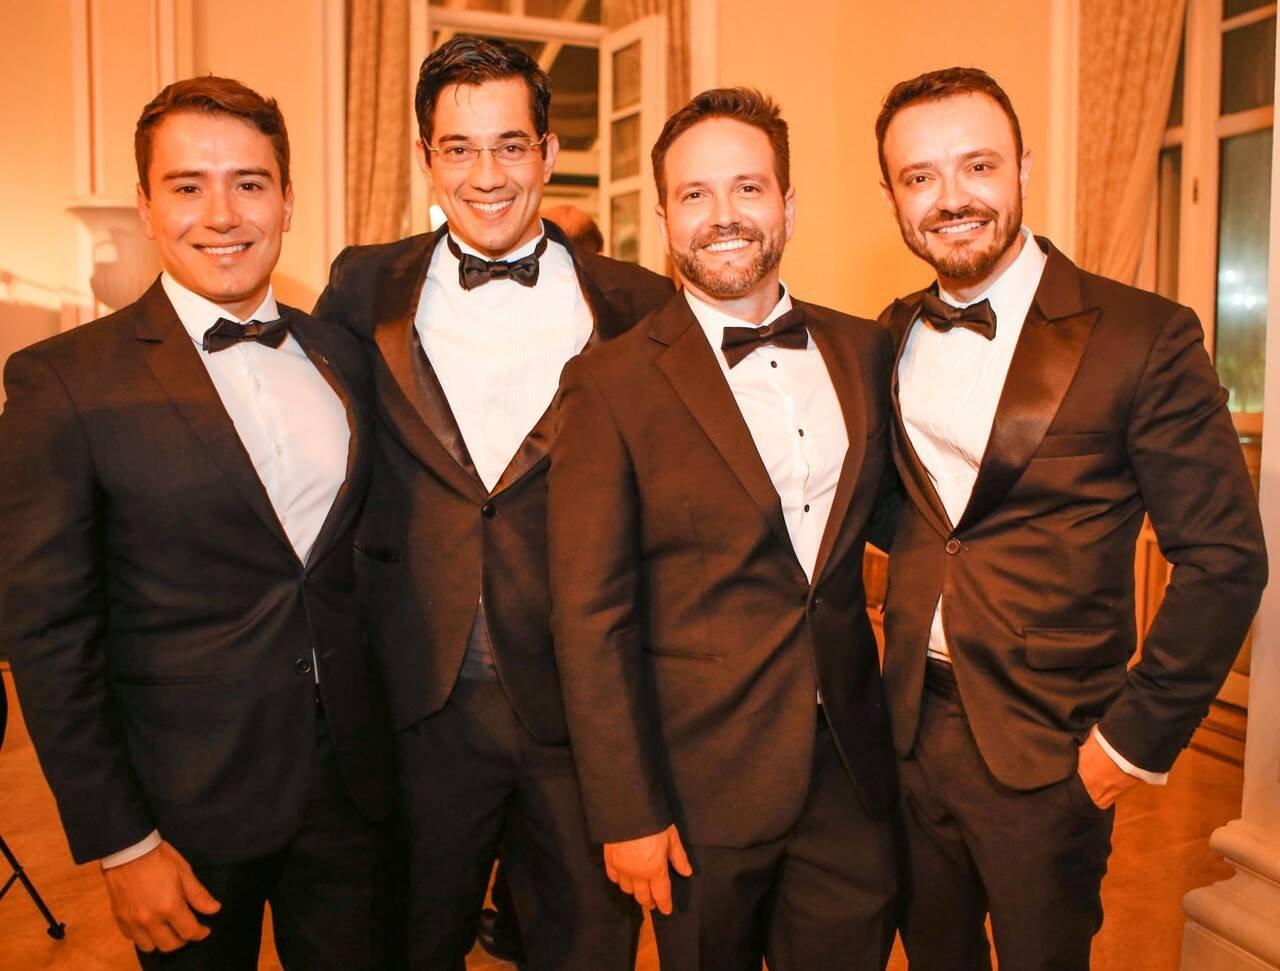 Bruno Borges, Rafael Motta, André Maranhão e Jairo Casali  /Foto: Gianne Carvalho